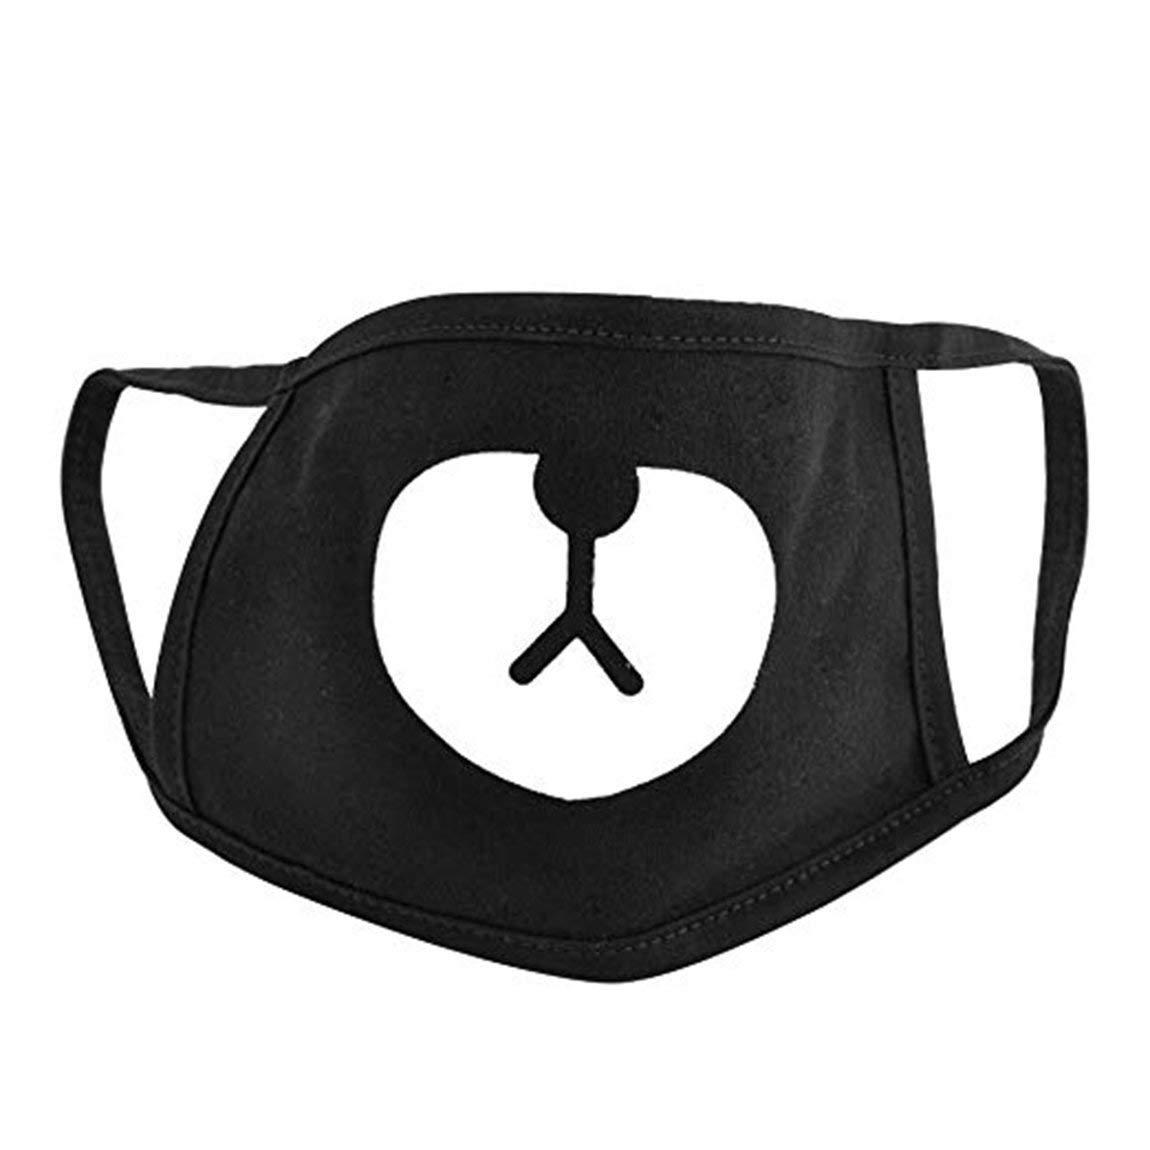 1 UNID A Prueba de Polvo A Prueba de Polvo Boca Mascarilla Unisex Oso Negro Ciclismo Anti-Polvo de Algodón Facial Máscaras de Cubierta Protectora (color: negro)